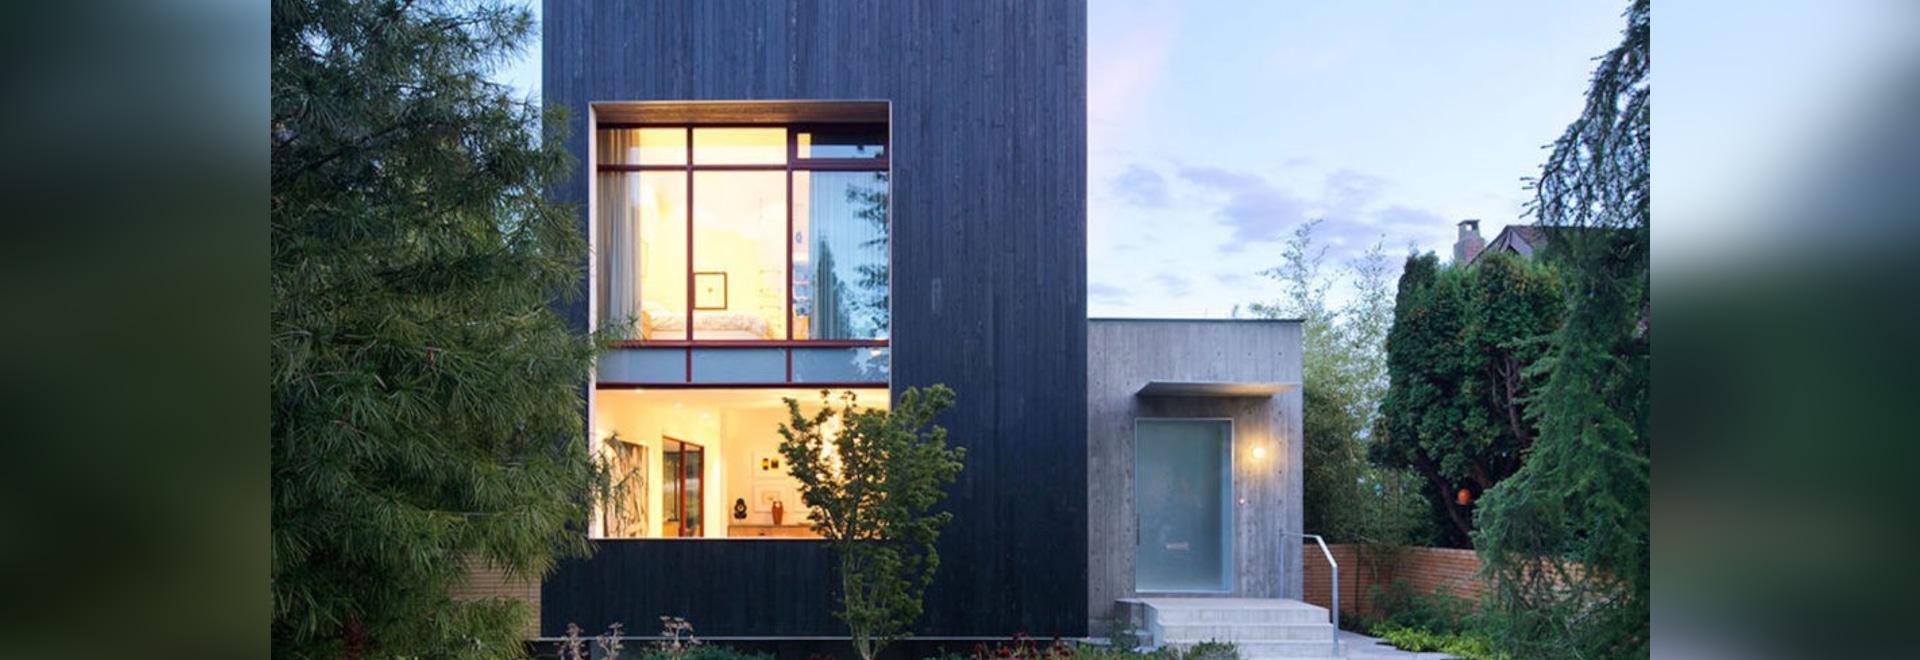 Berühmt Idee Fur Haus Renovieren Grune Akzente Modernen Raum Galerie ...